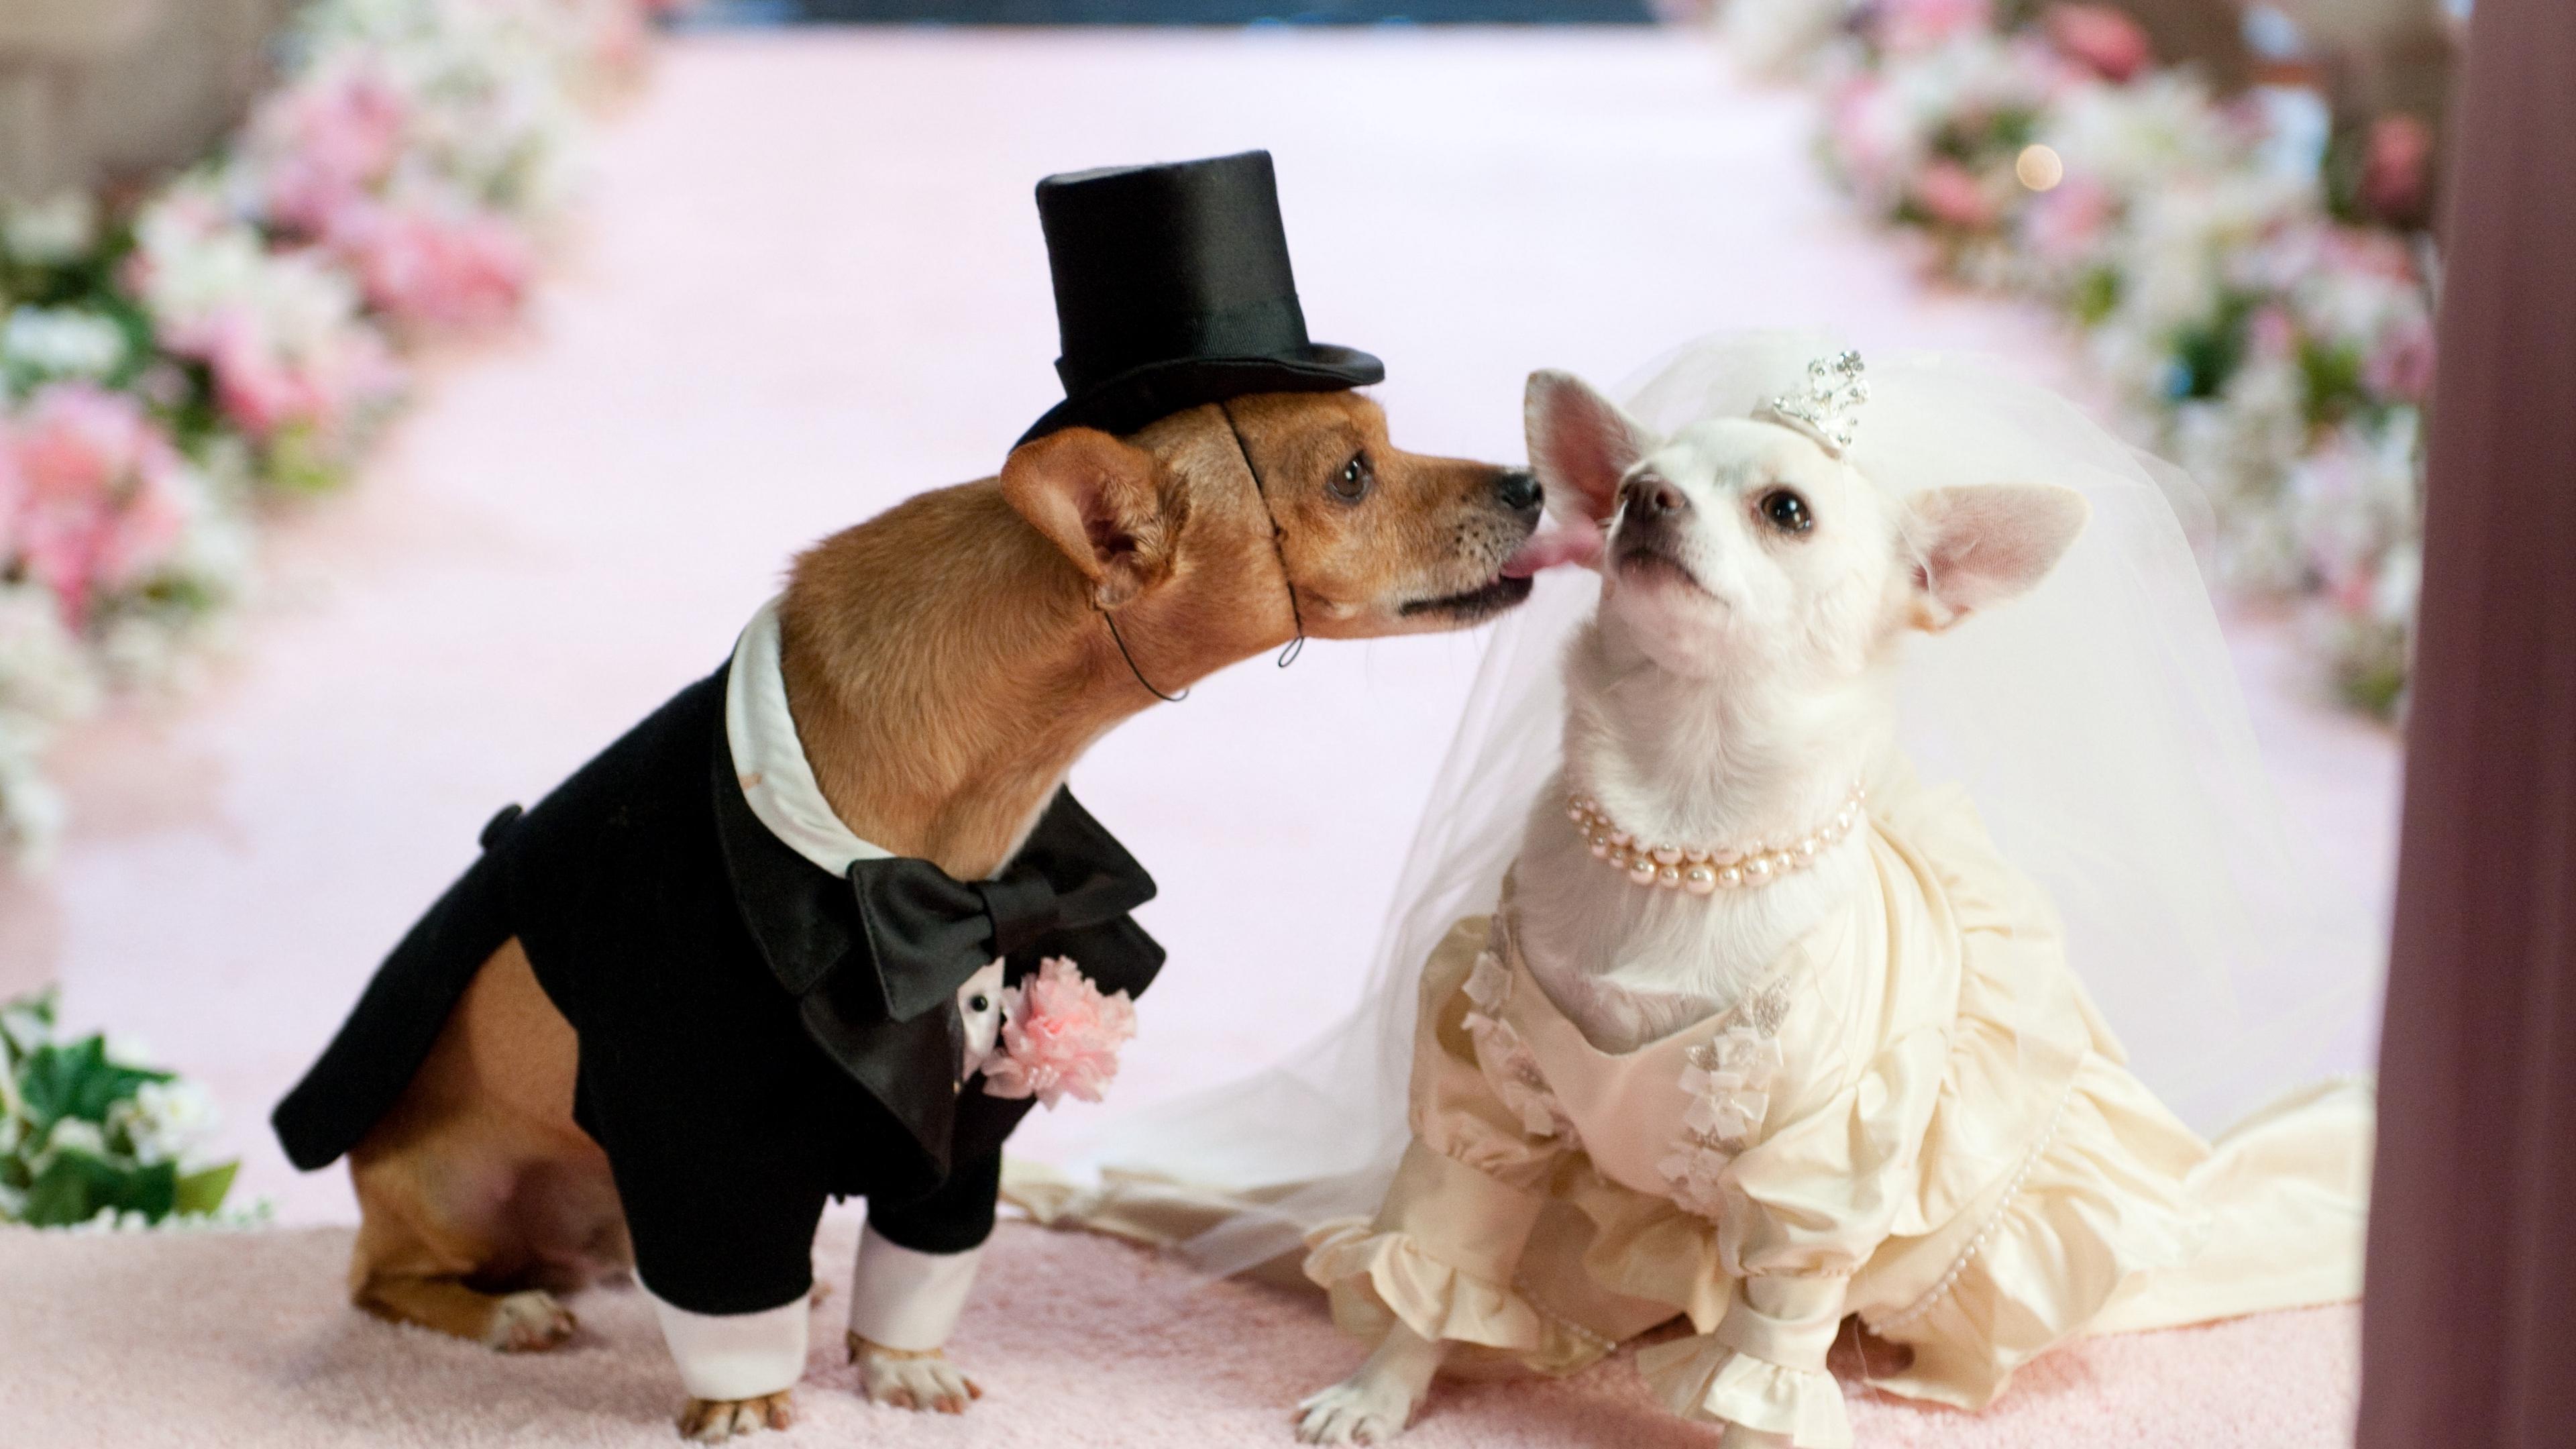 dog couple wedding dress 4k 1542242573 - dog, couple, wedding, dress 4k - Wedding, Dog, Couple